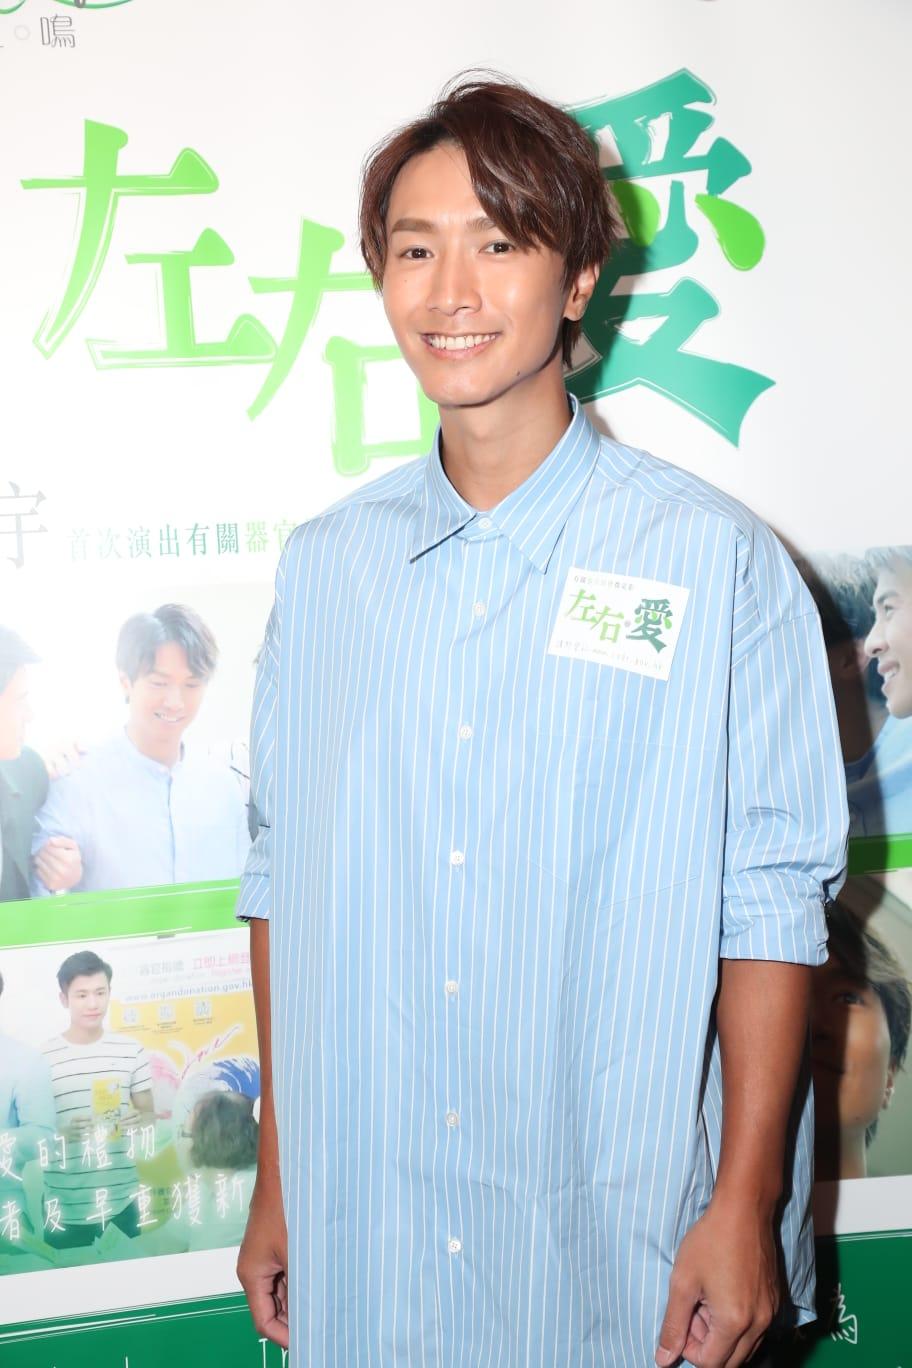 陳伯宇不想演出延期,也不太擔心,一切聽從公司安排。